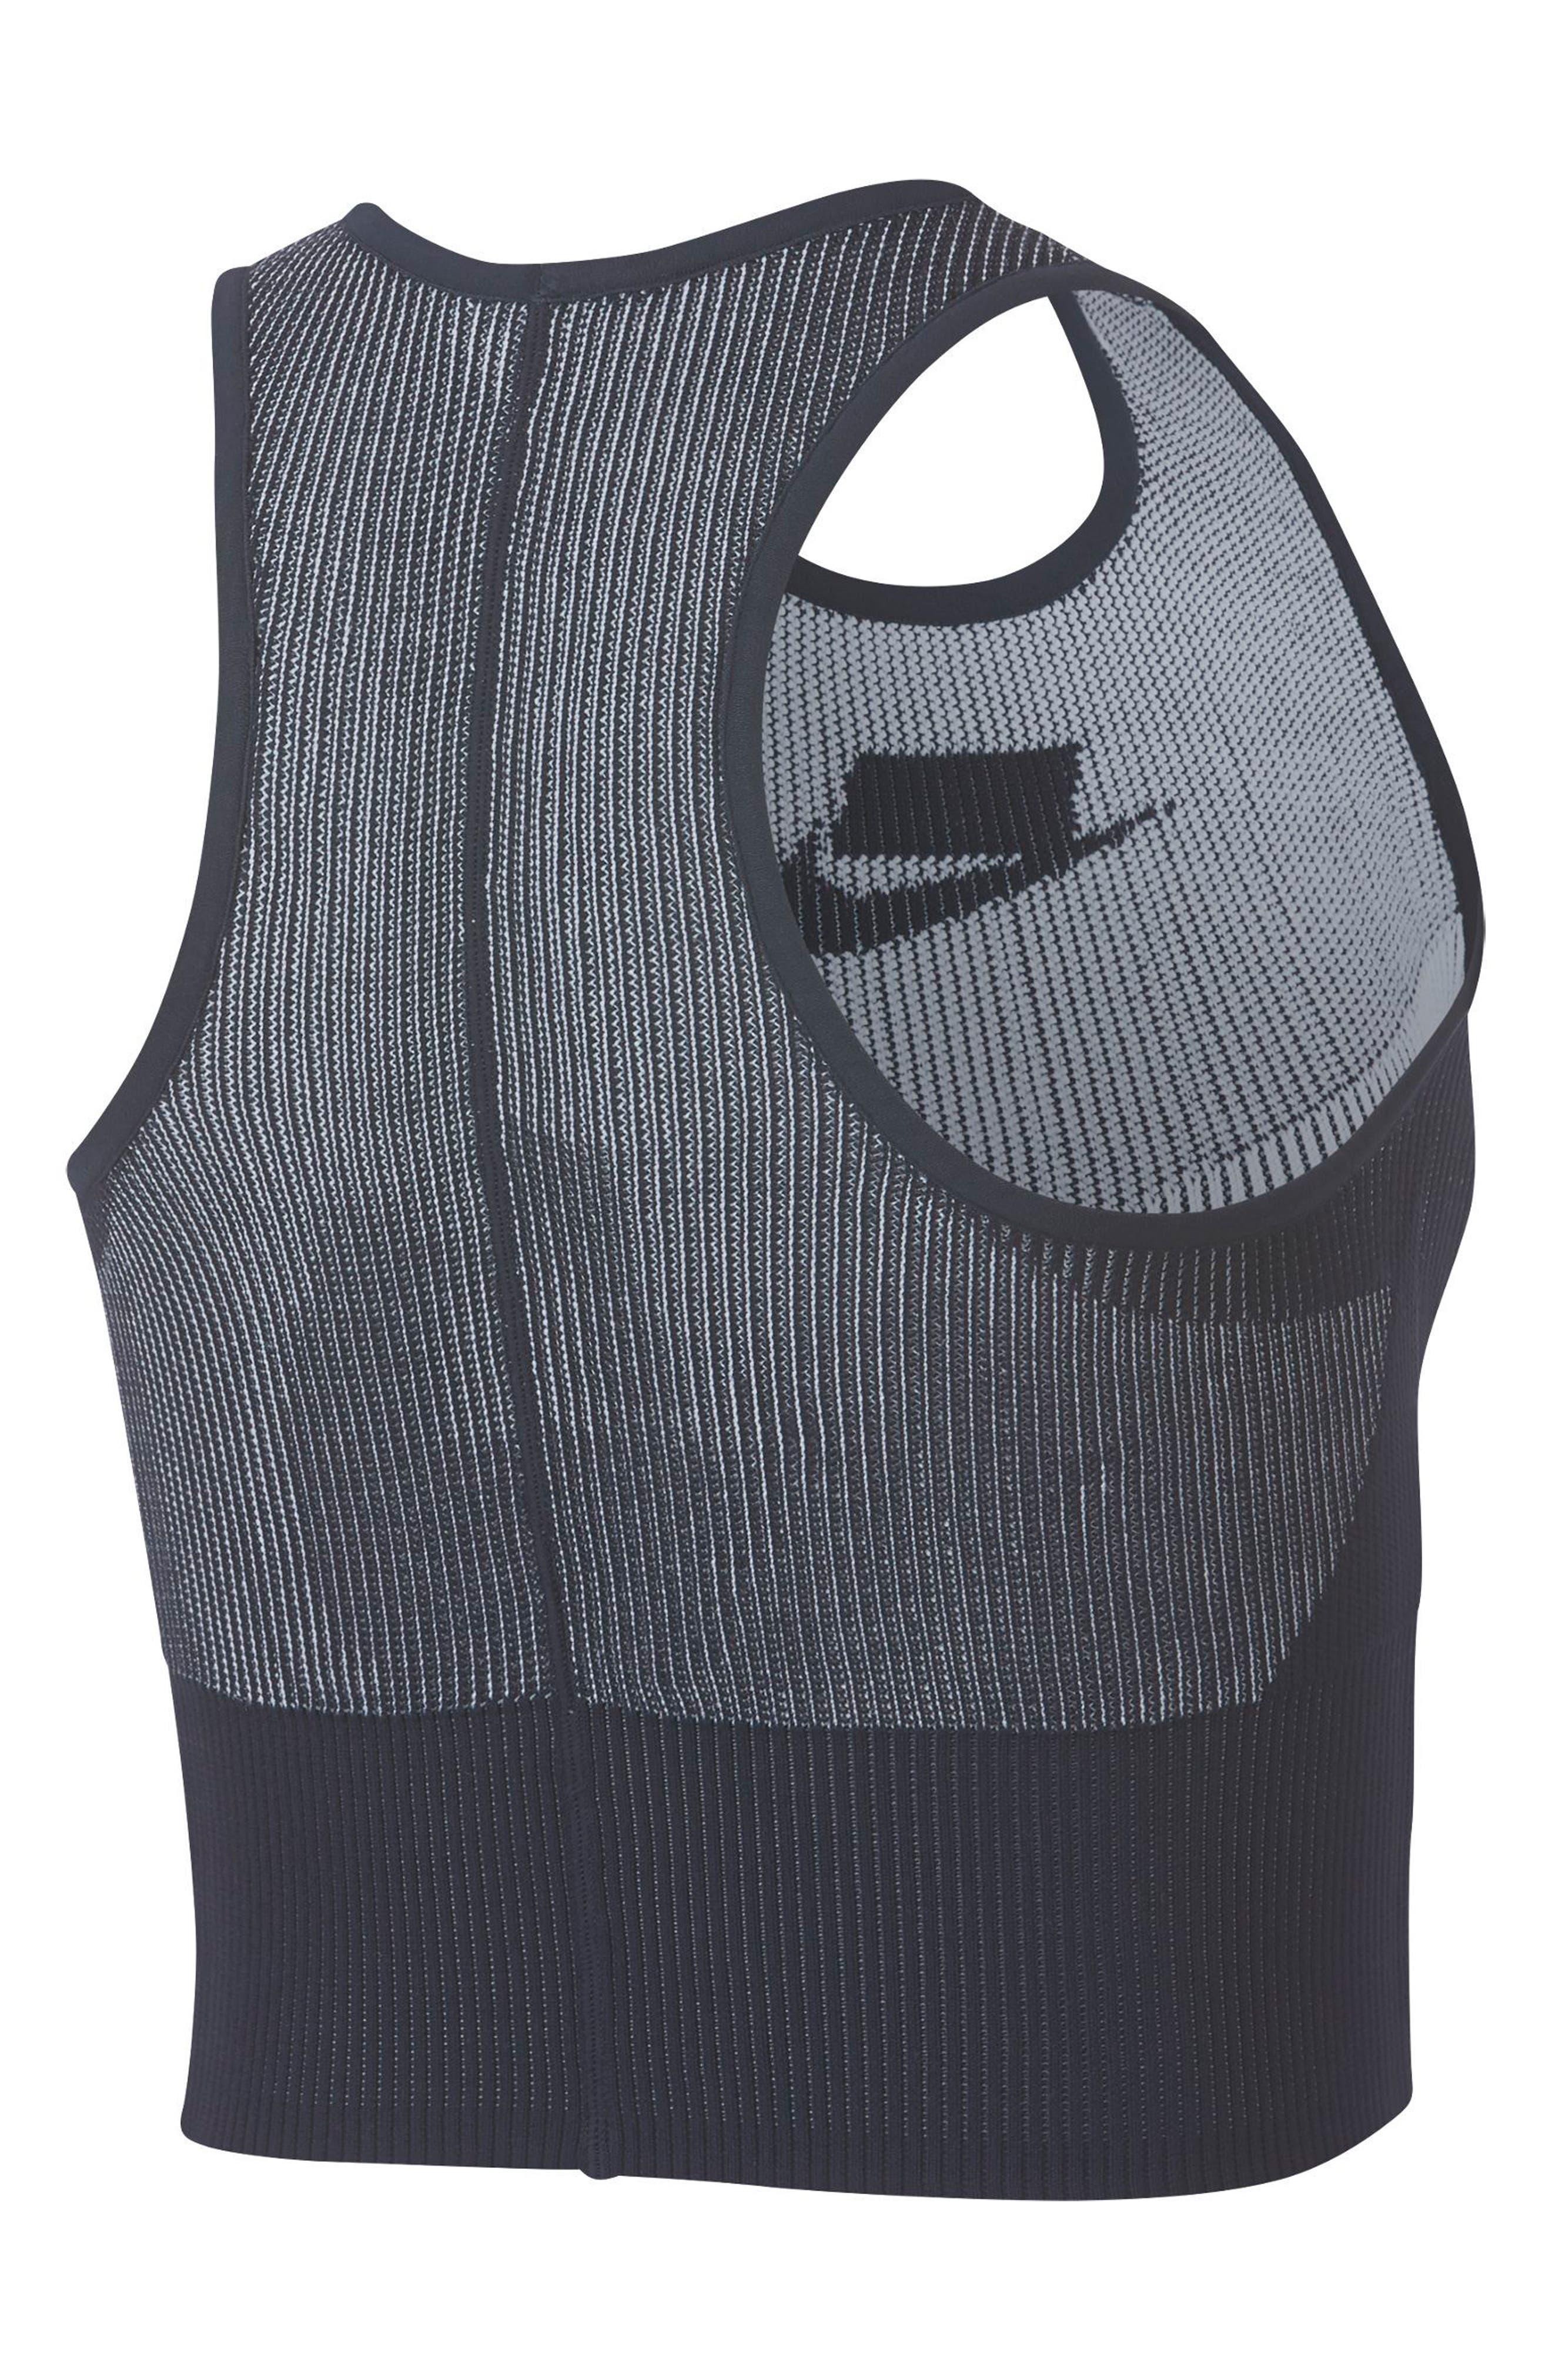 Sportswear Women's Tech Knit Crop Tank,                             Alternate thumbnail 2, color,                             DARK OBSIDIAN/ WHITE